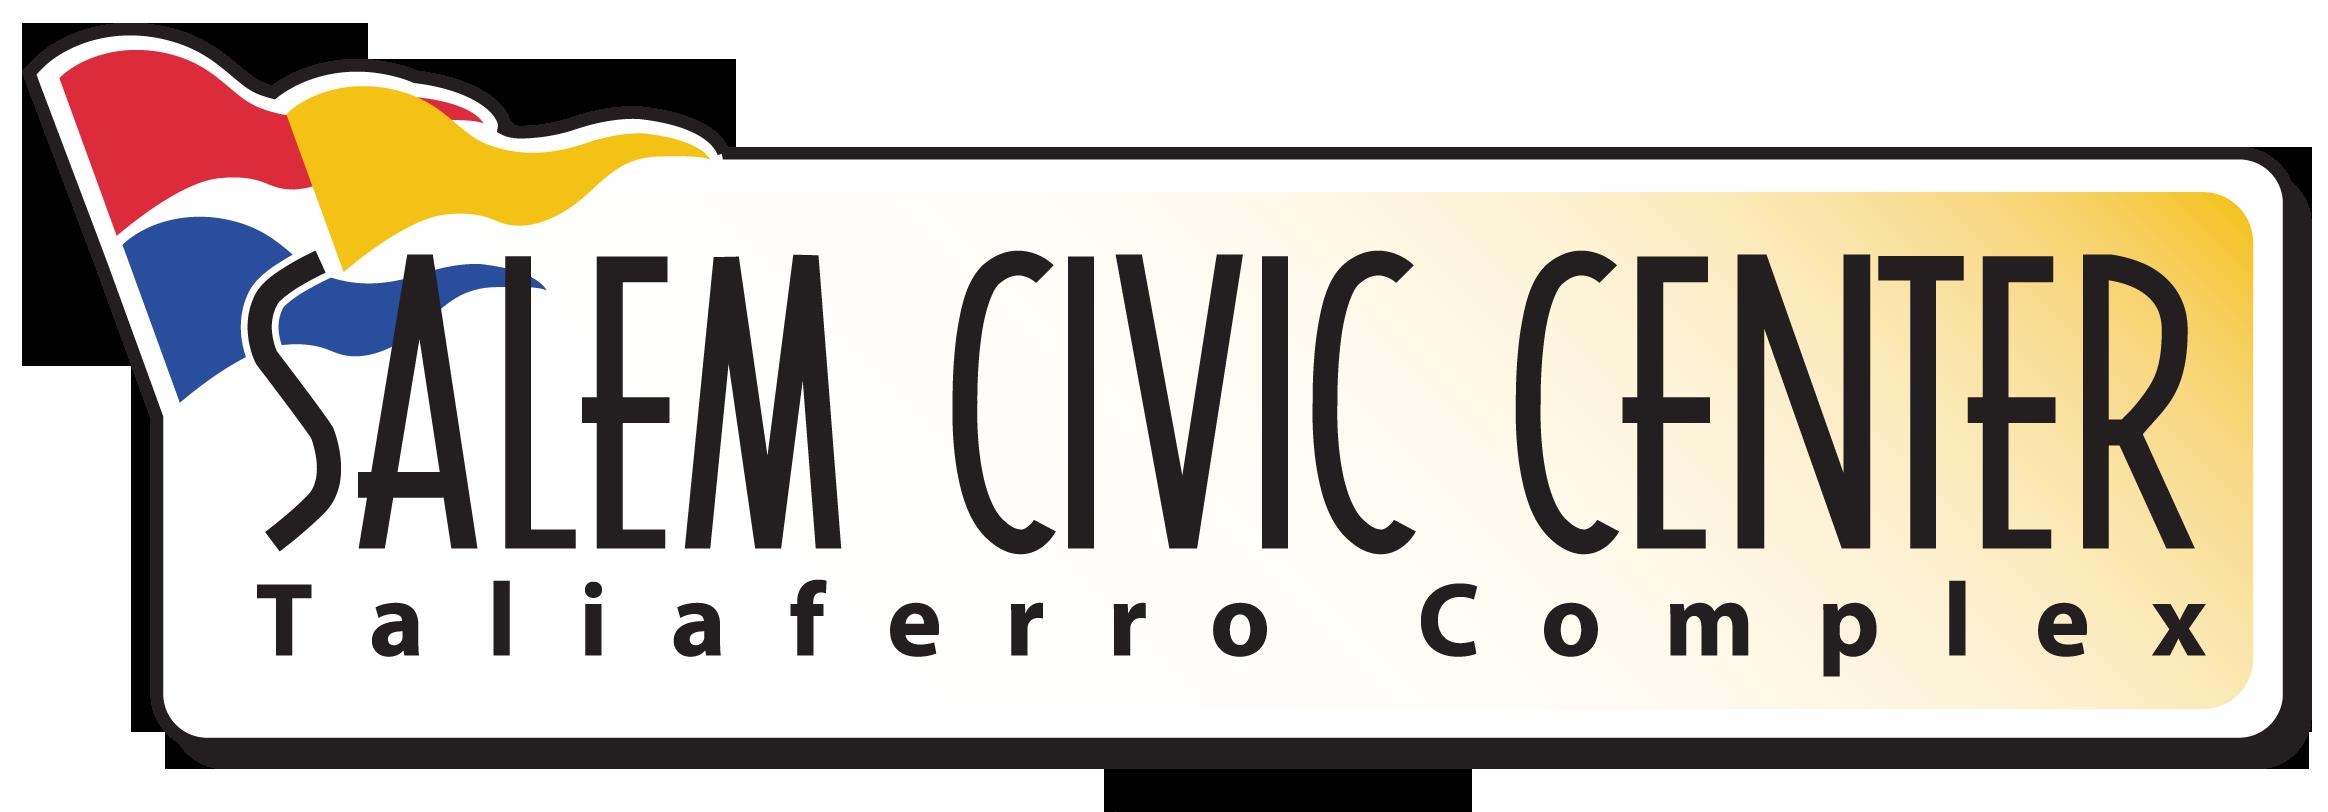 salemciviccenter_logo2_plaque.png